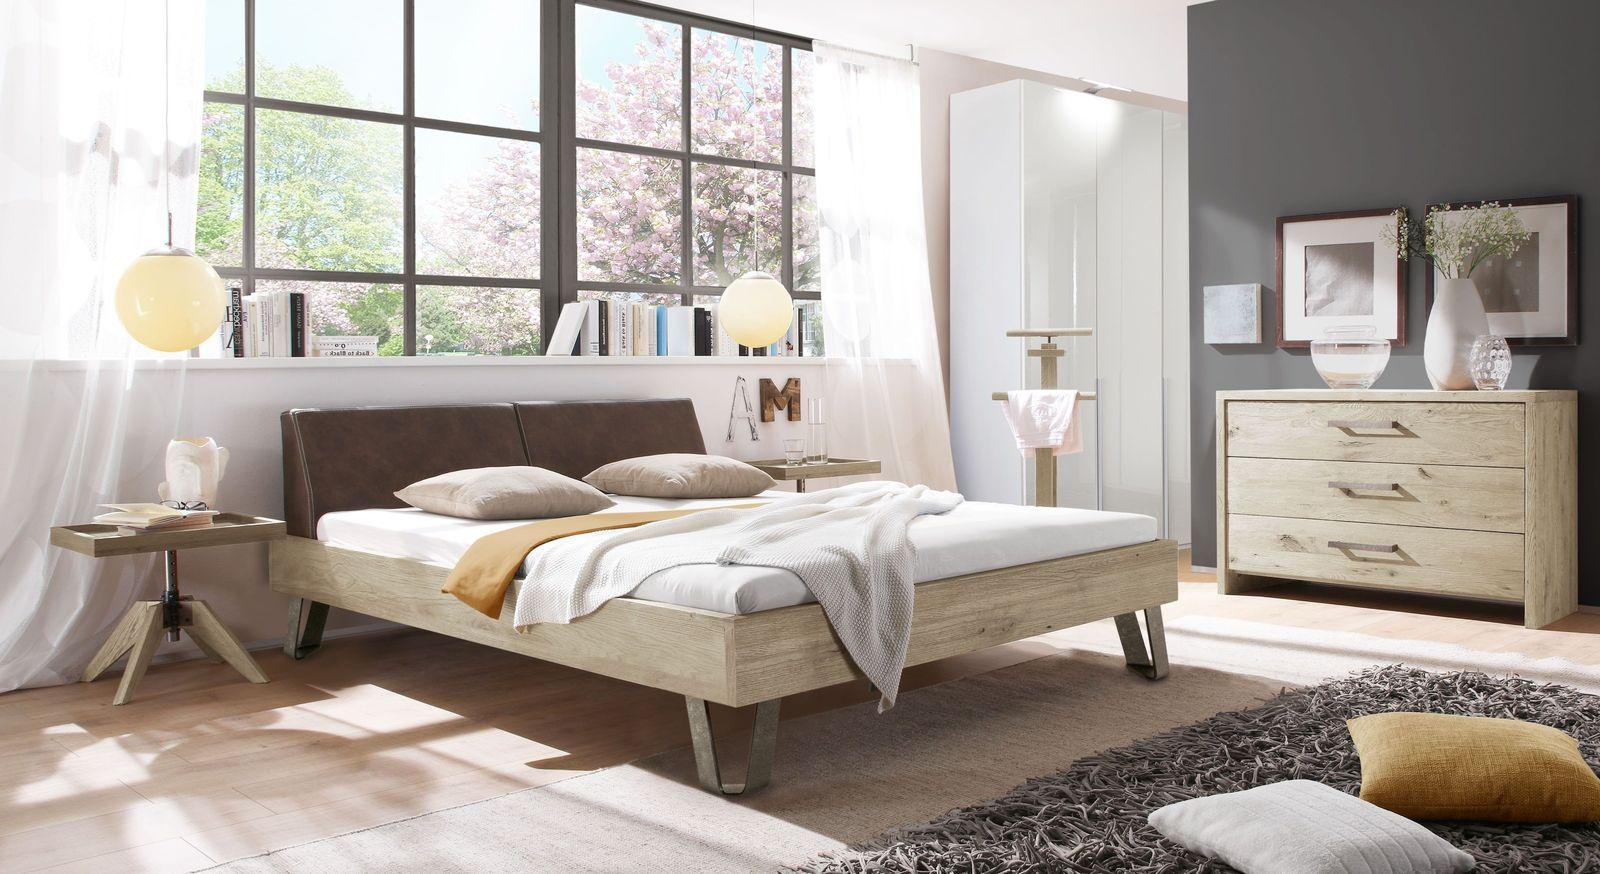 Bett Aveiros mit passenden Schlafzimmer-Möbeln